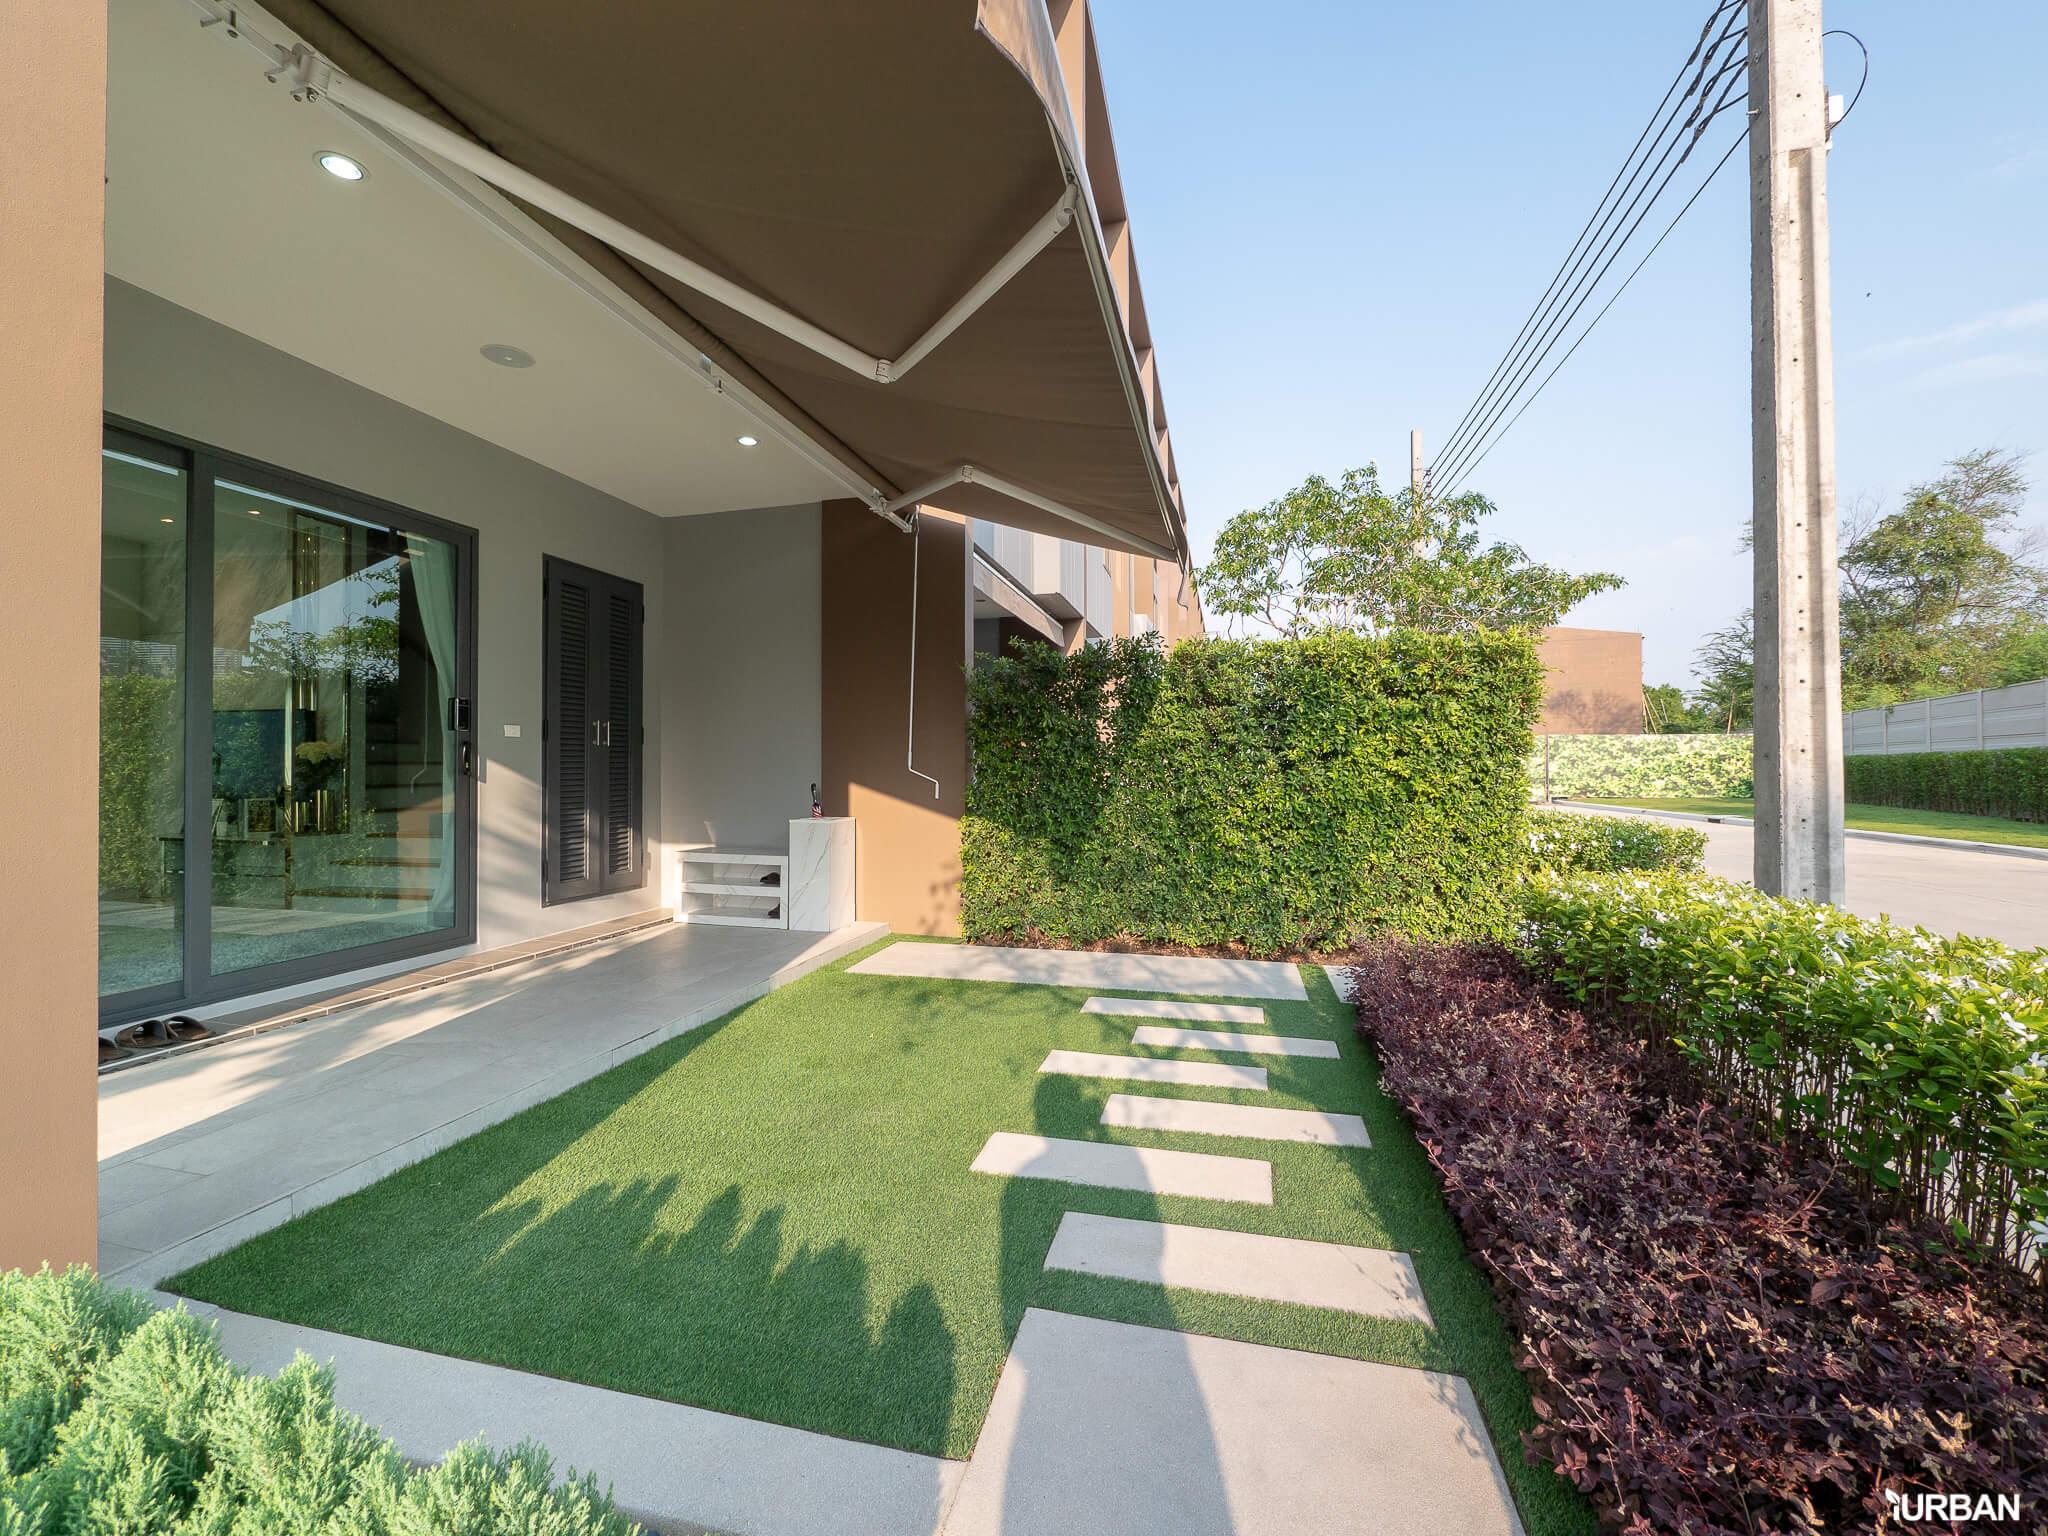 7 โครงการบ้านเอพีช่วยผ่อน 30 เดือน สุขสวัสดิ์-ประชาอุทิศ เข้าเมืองง่าย ทาวน์โฮม-บ้าน เริ่ม 1.99 ล้าน 95 - AP (Thailand) - เอพี (ไทยแลนด์)